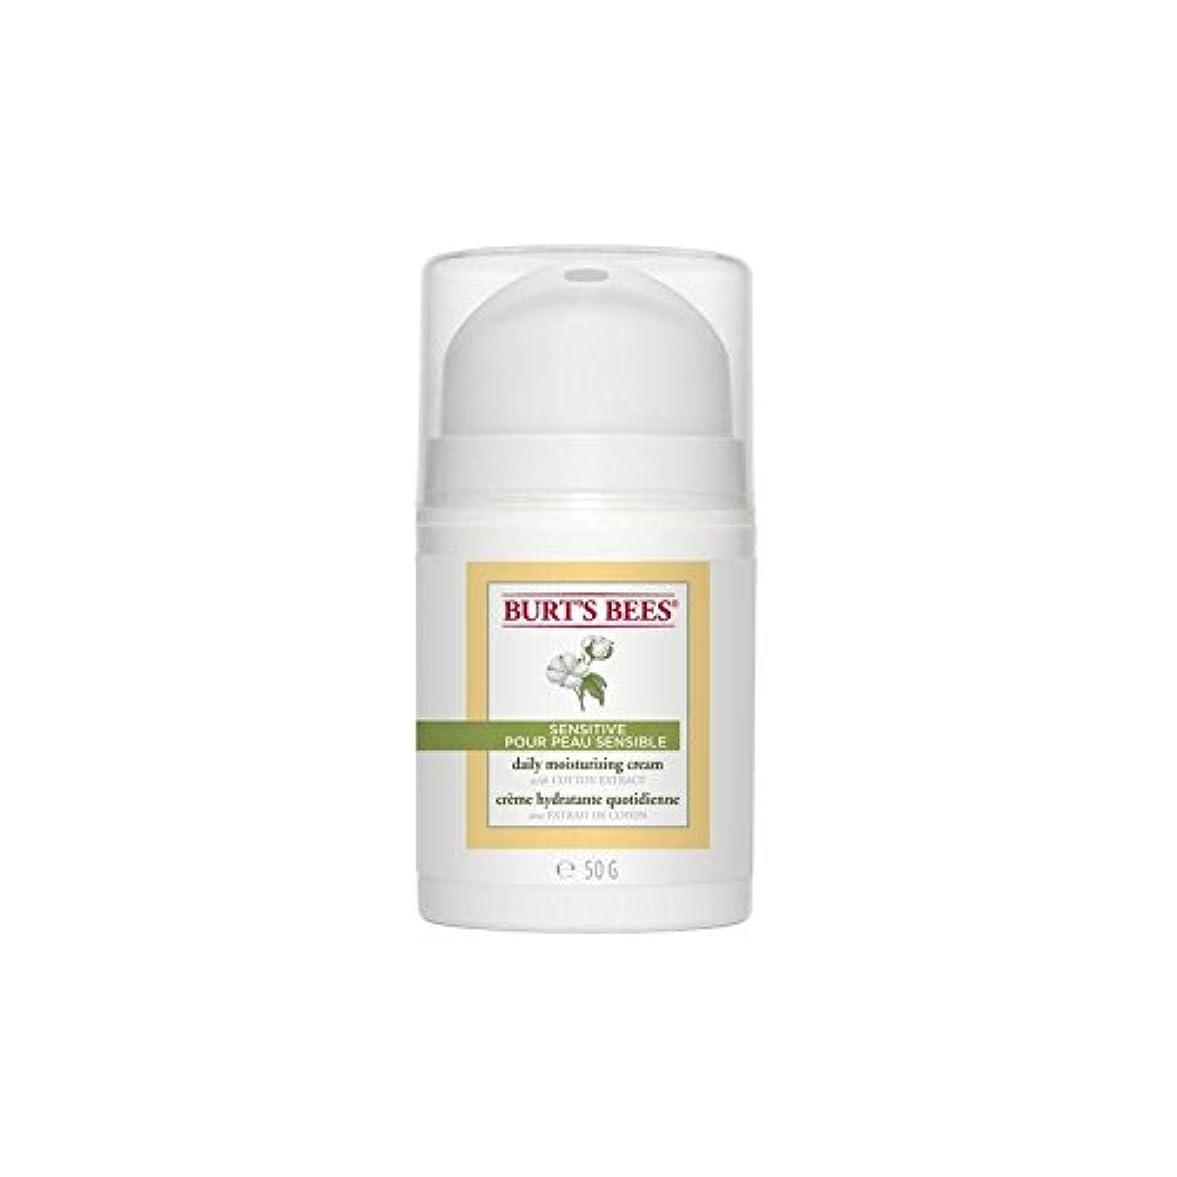 不道徳タイプ看板Burt's Bees Sensitive Daily Moisturising Cream 50G (Pack of 6) - バーツビー敏感毎日保湿クリーム50グラム x6 [並行輸入品]